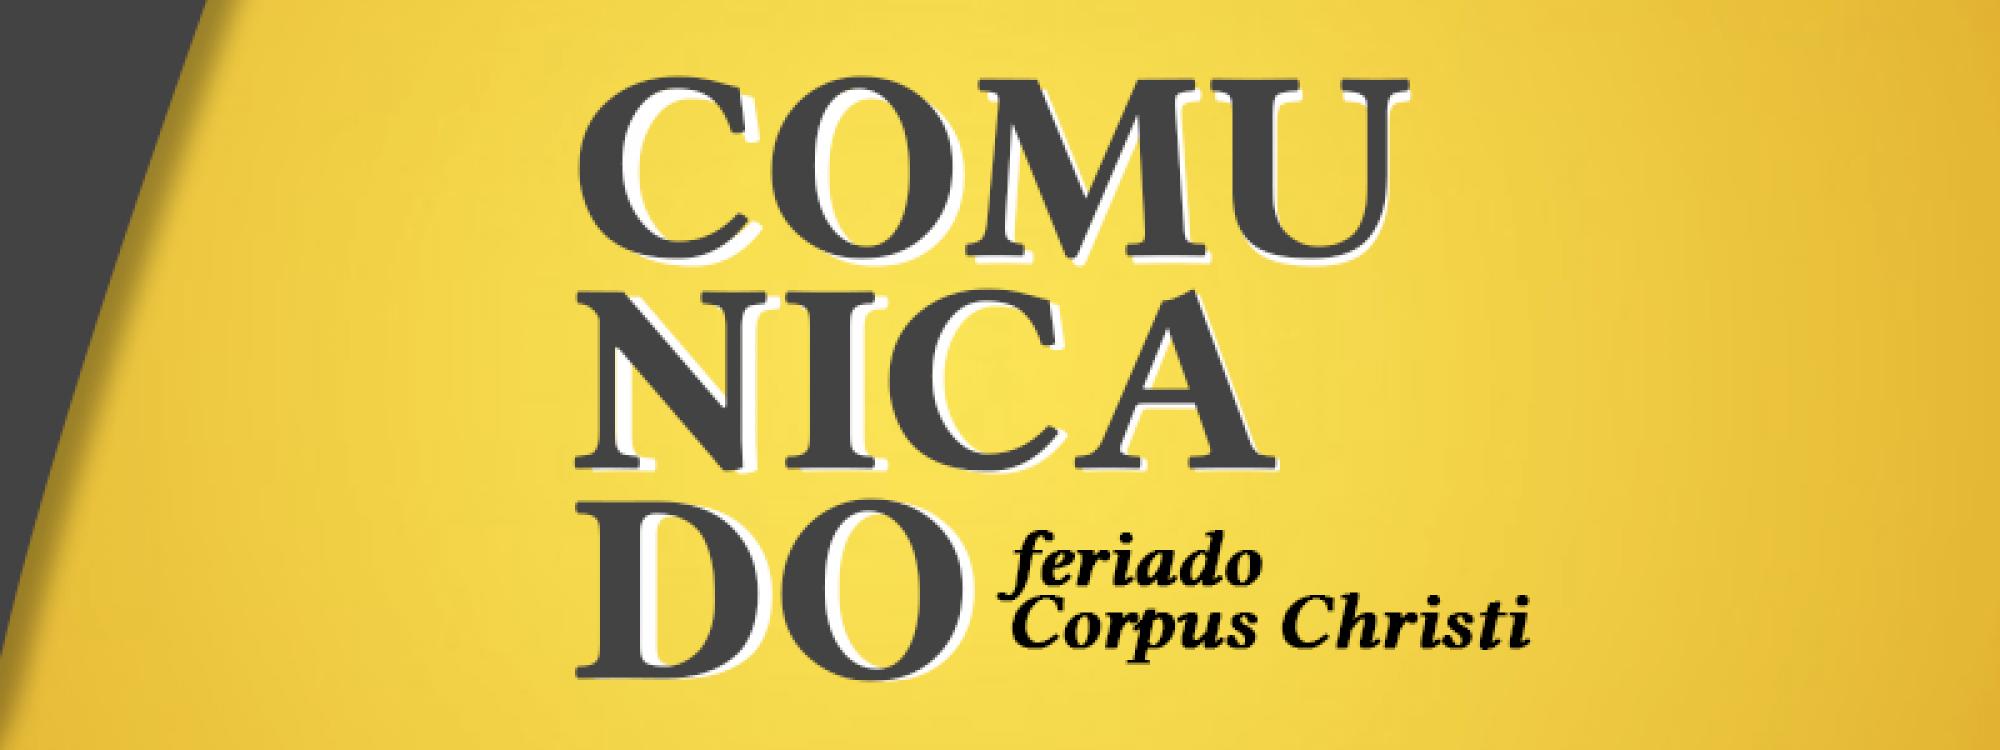 Recesso na ADUFU de 03 a 06 de junho de 2021: feriado de Corpus Christi